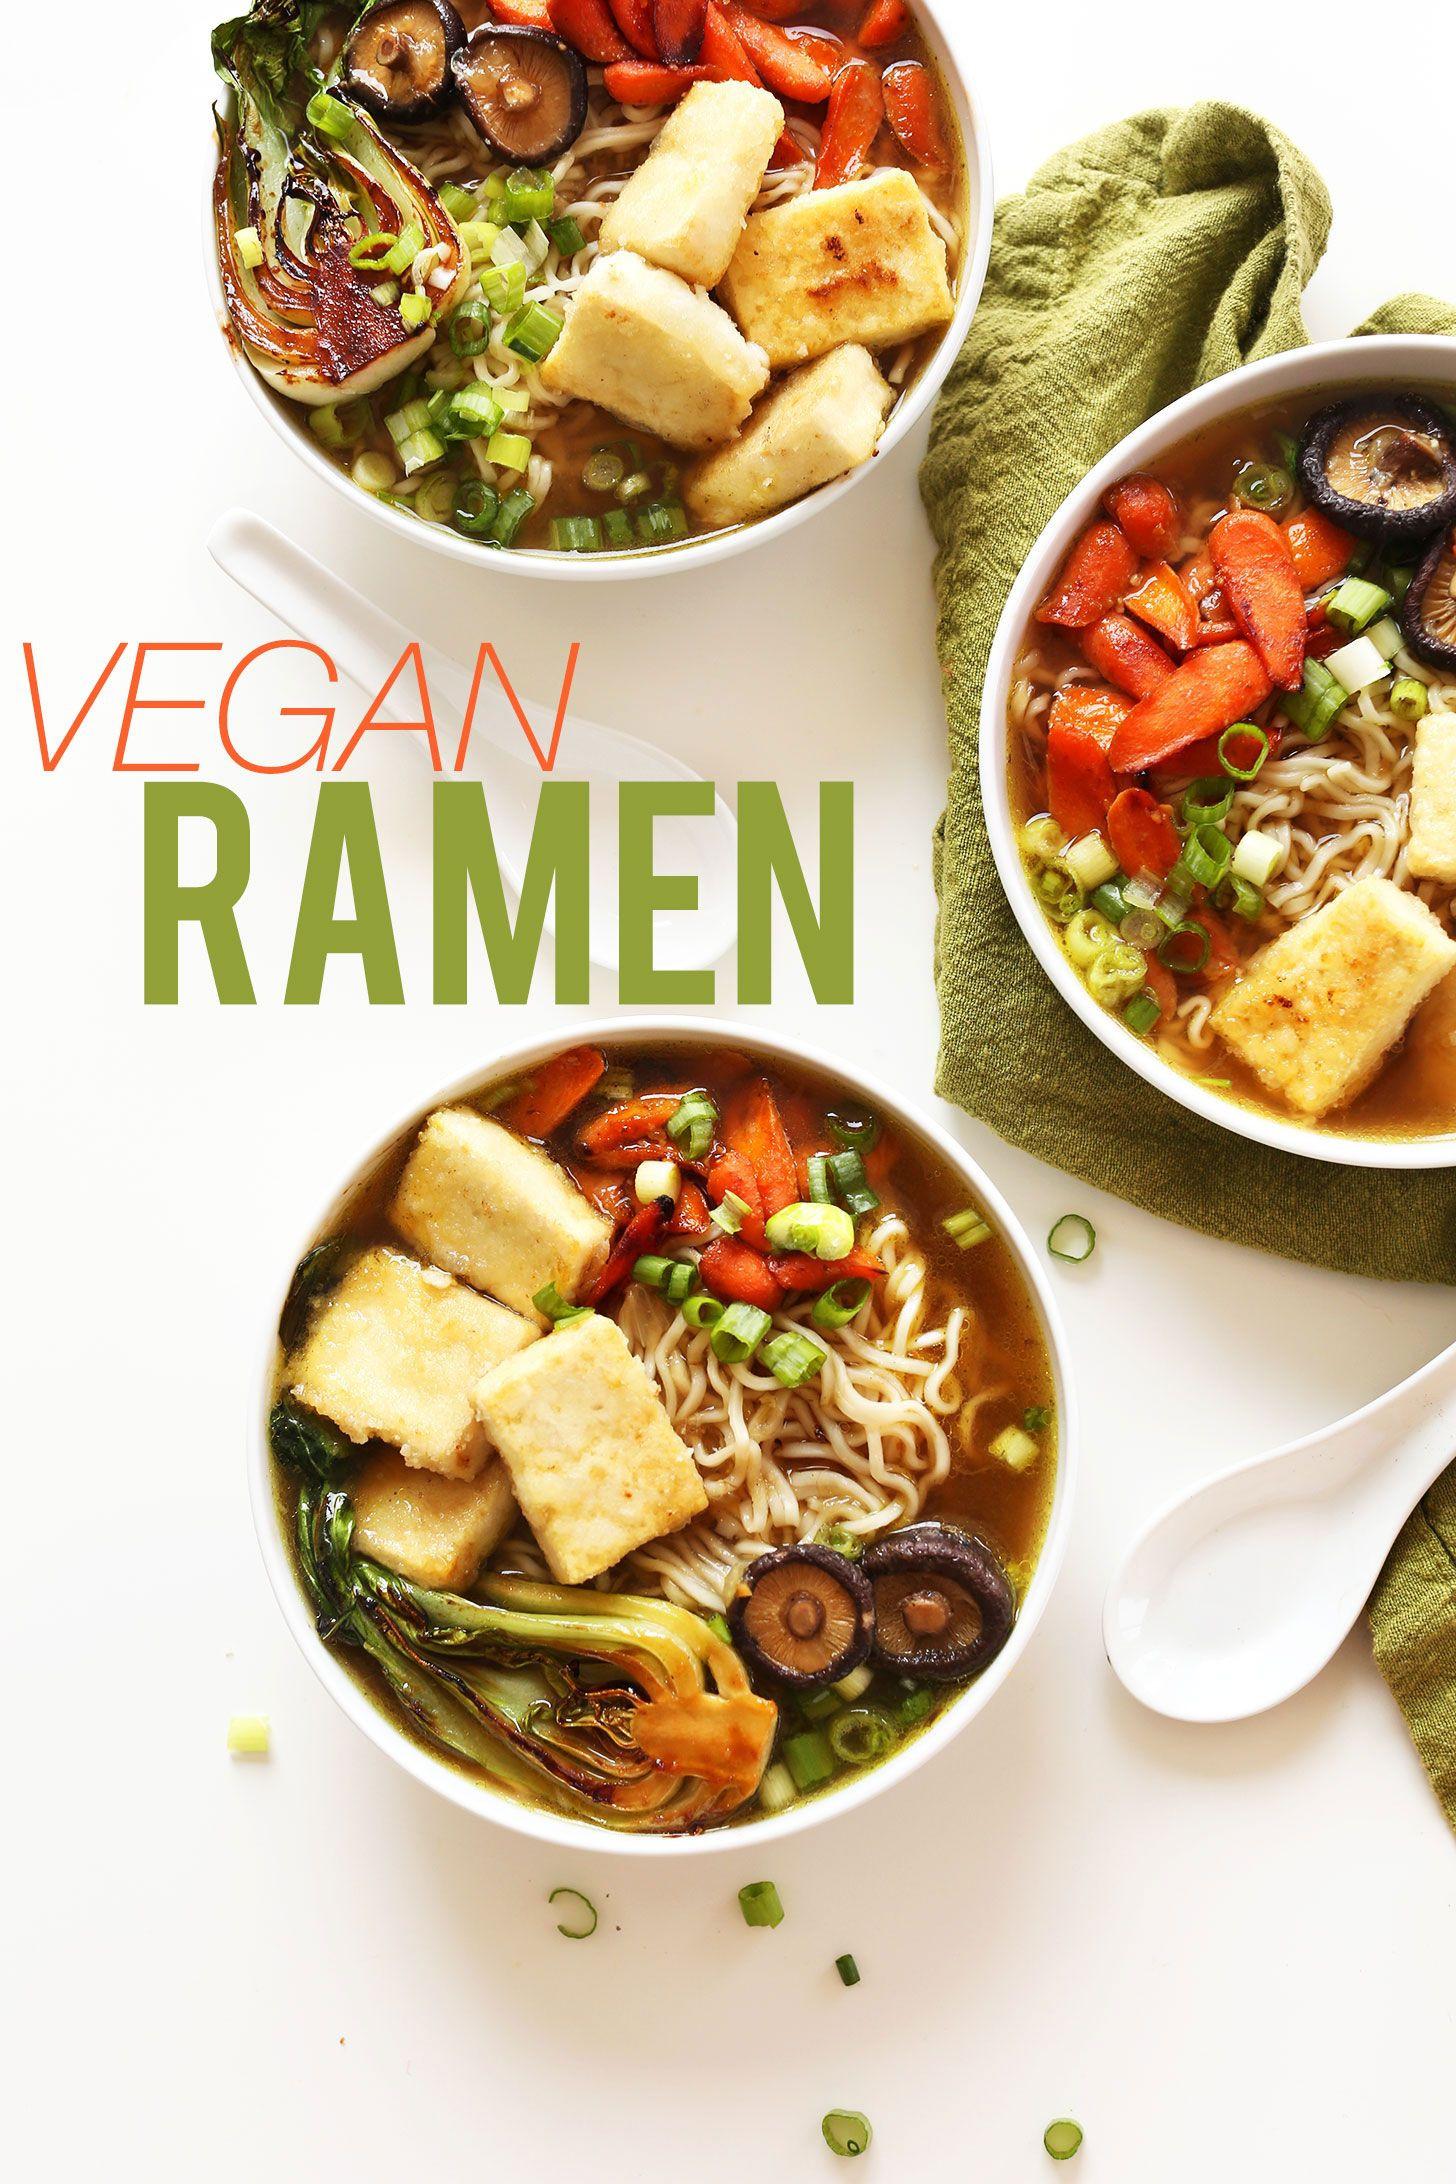 Easy Vegan Recipes For Dinner  Vegan recipes for dinner easy Food easy recipes